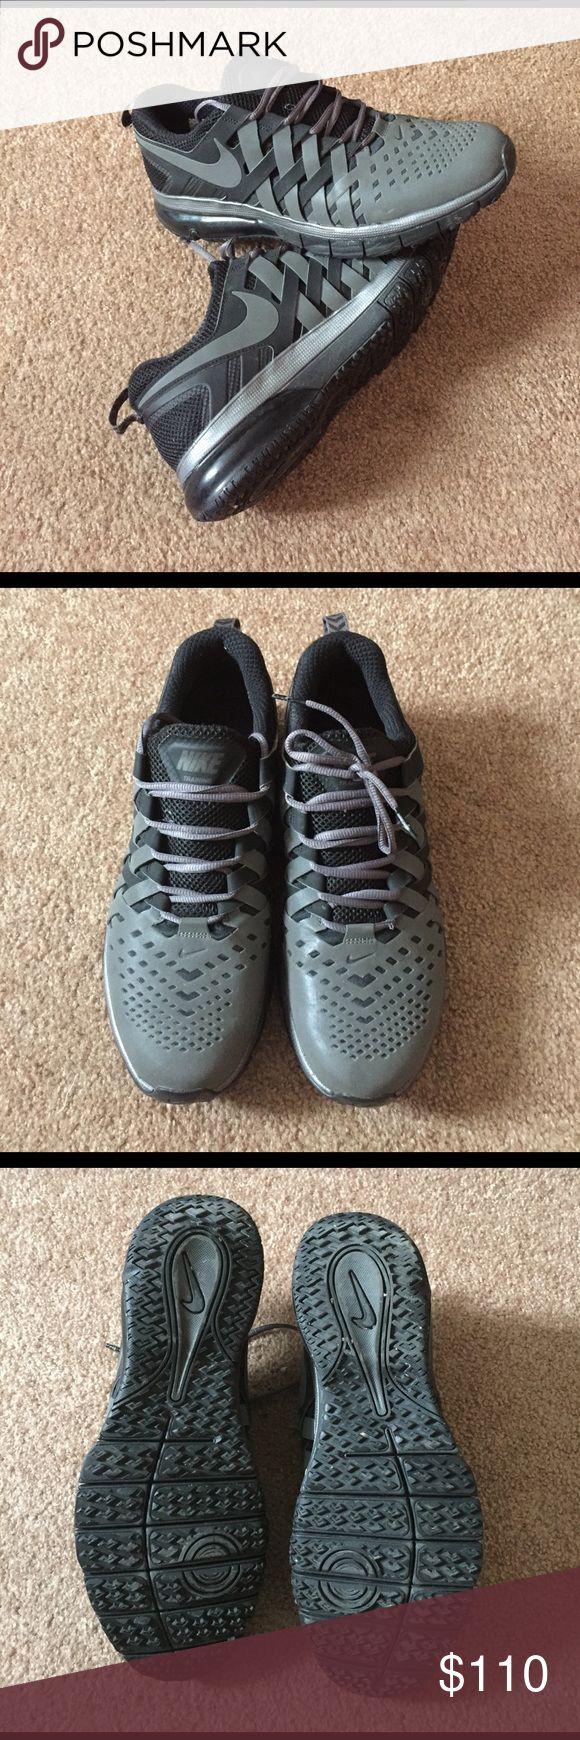 Athletic shoe store business plan bundle